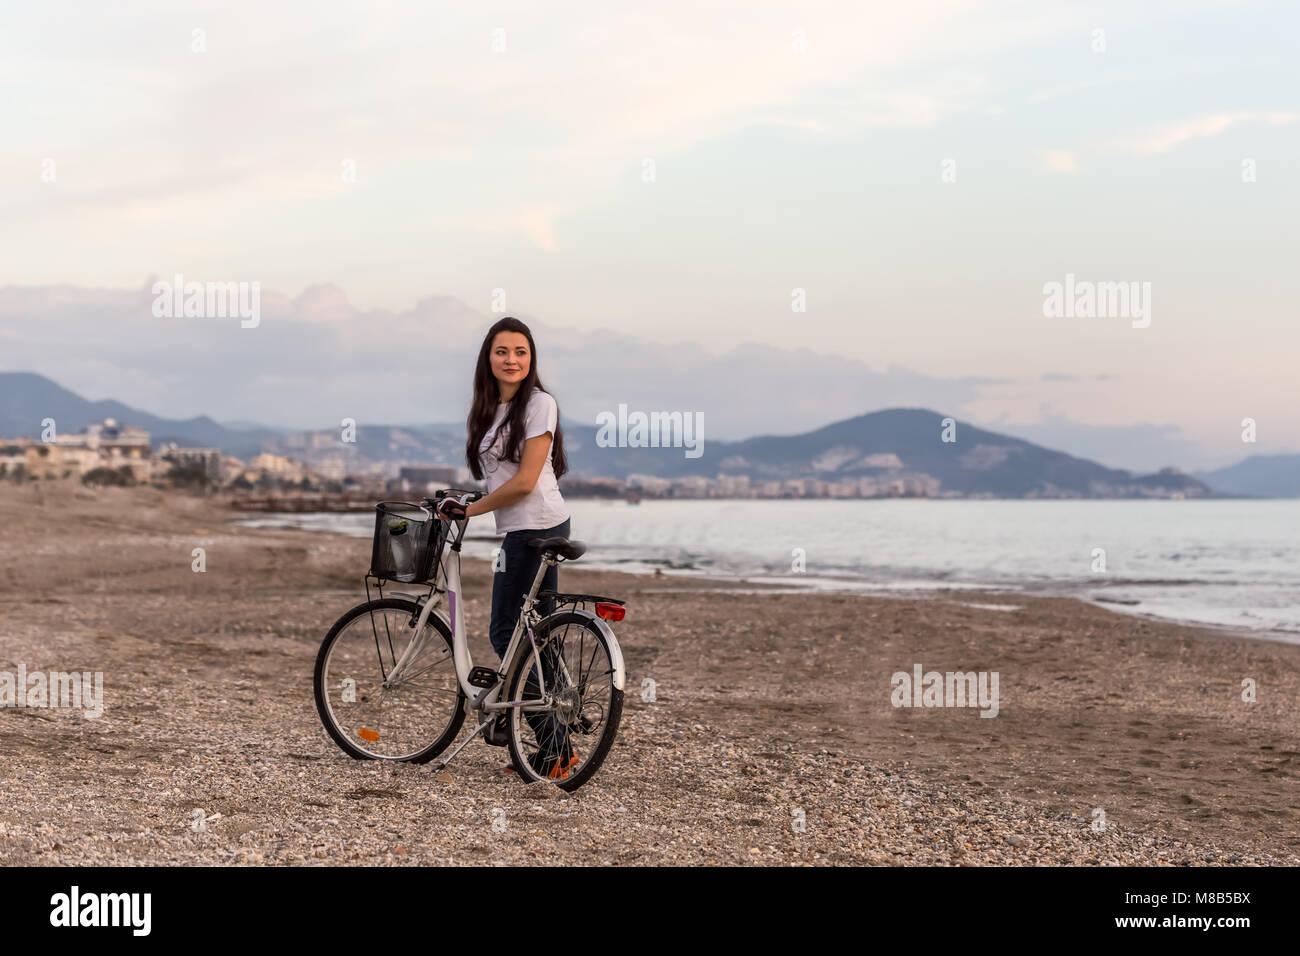 Estilo de vida saludable por el mar. Retrato de una longitud completa colocar mujeres en azul oscuro y blanco skinny Imagen De Stock